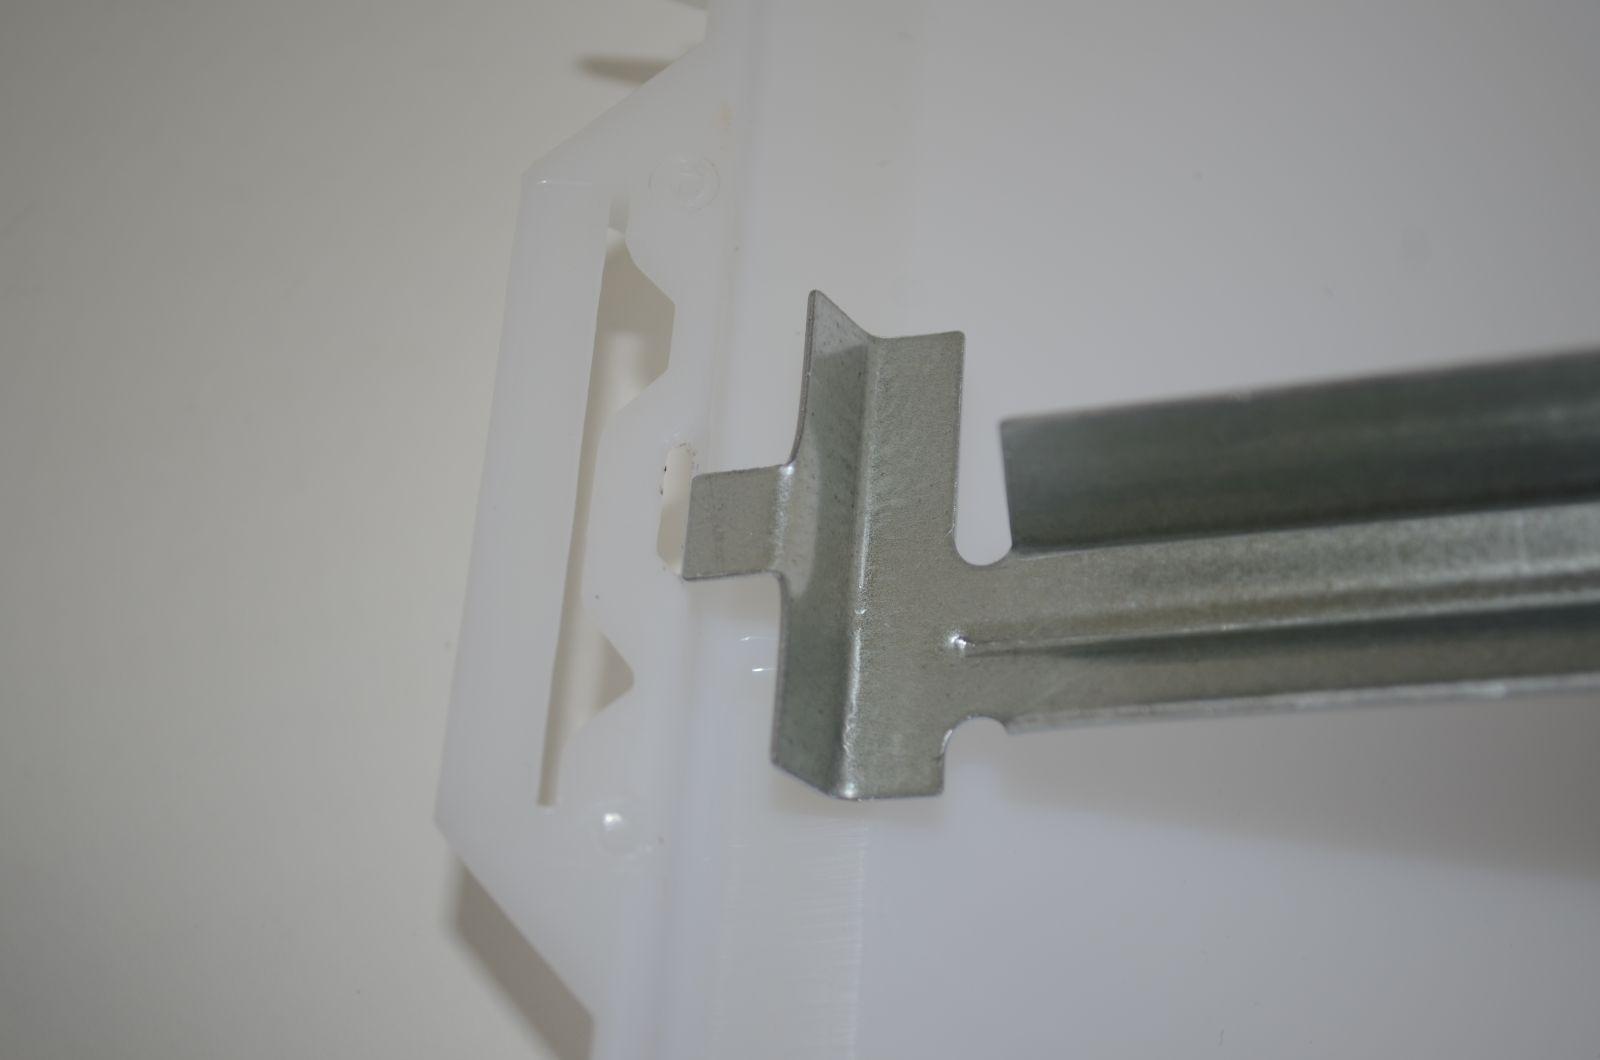 Class A Customs: NEW JENSEN replacement rv roof vent elixir